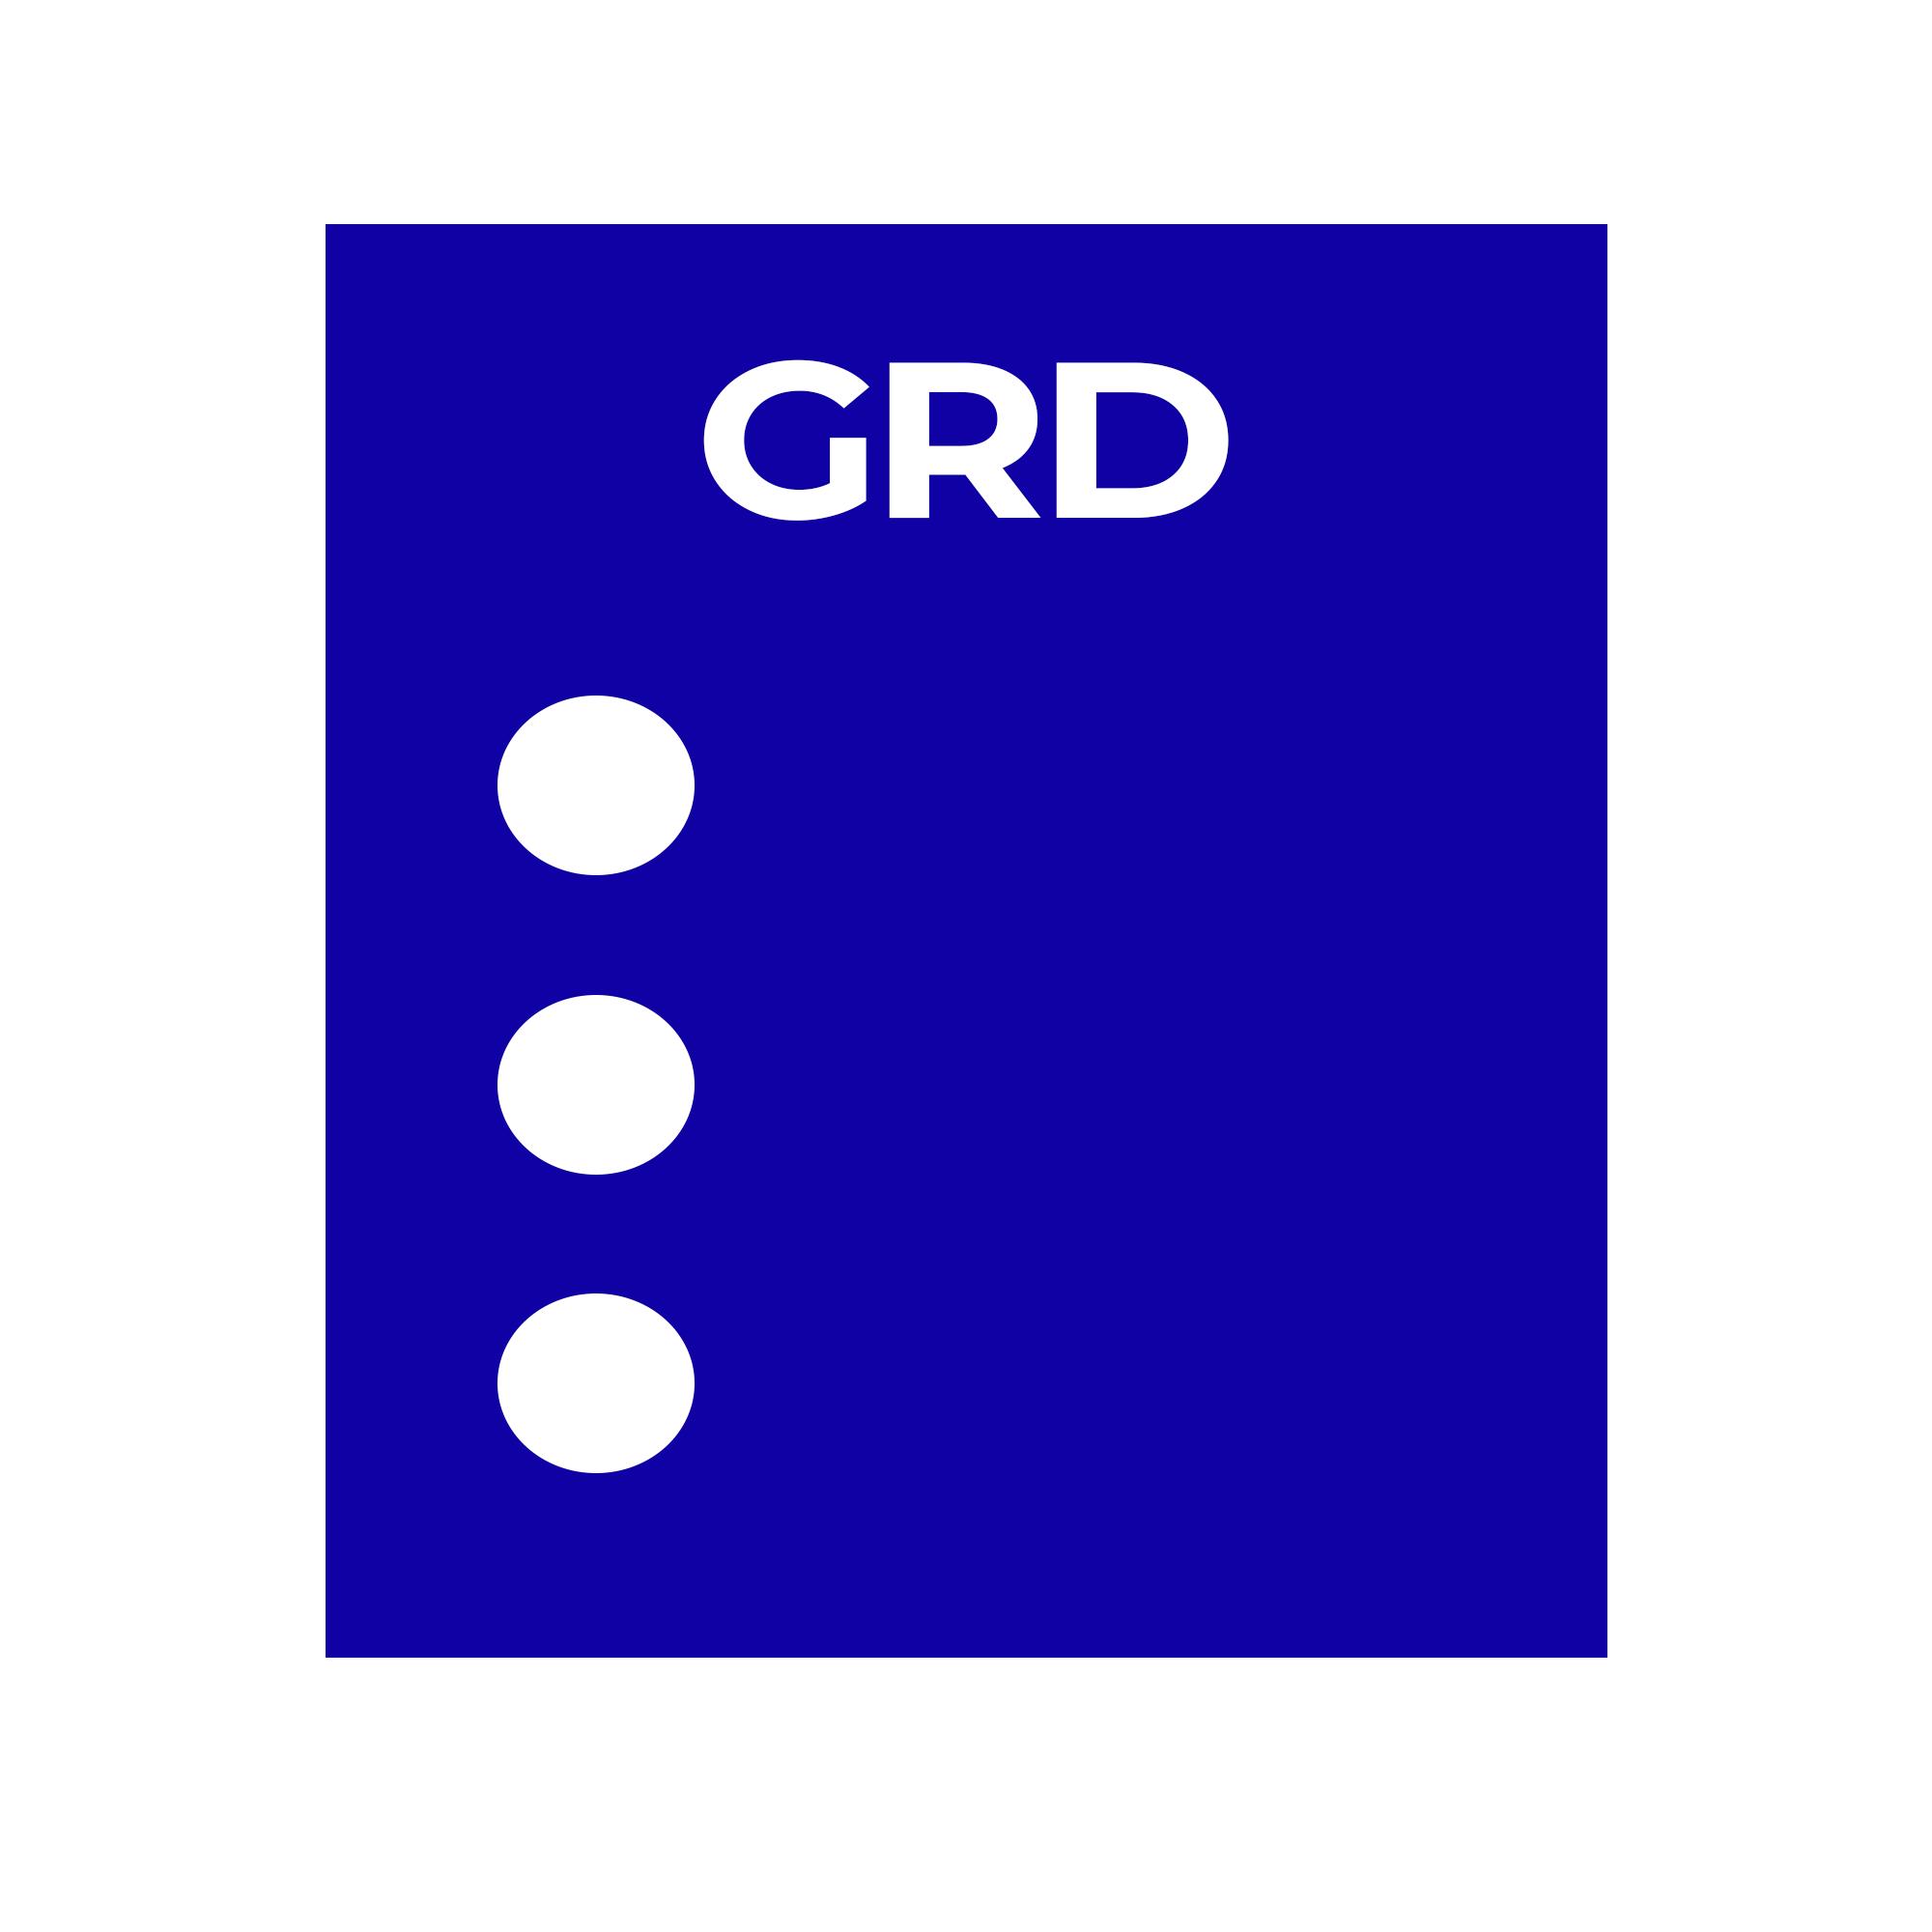 Icono GRD